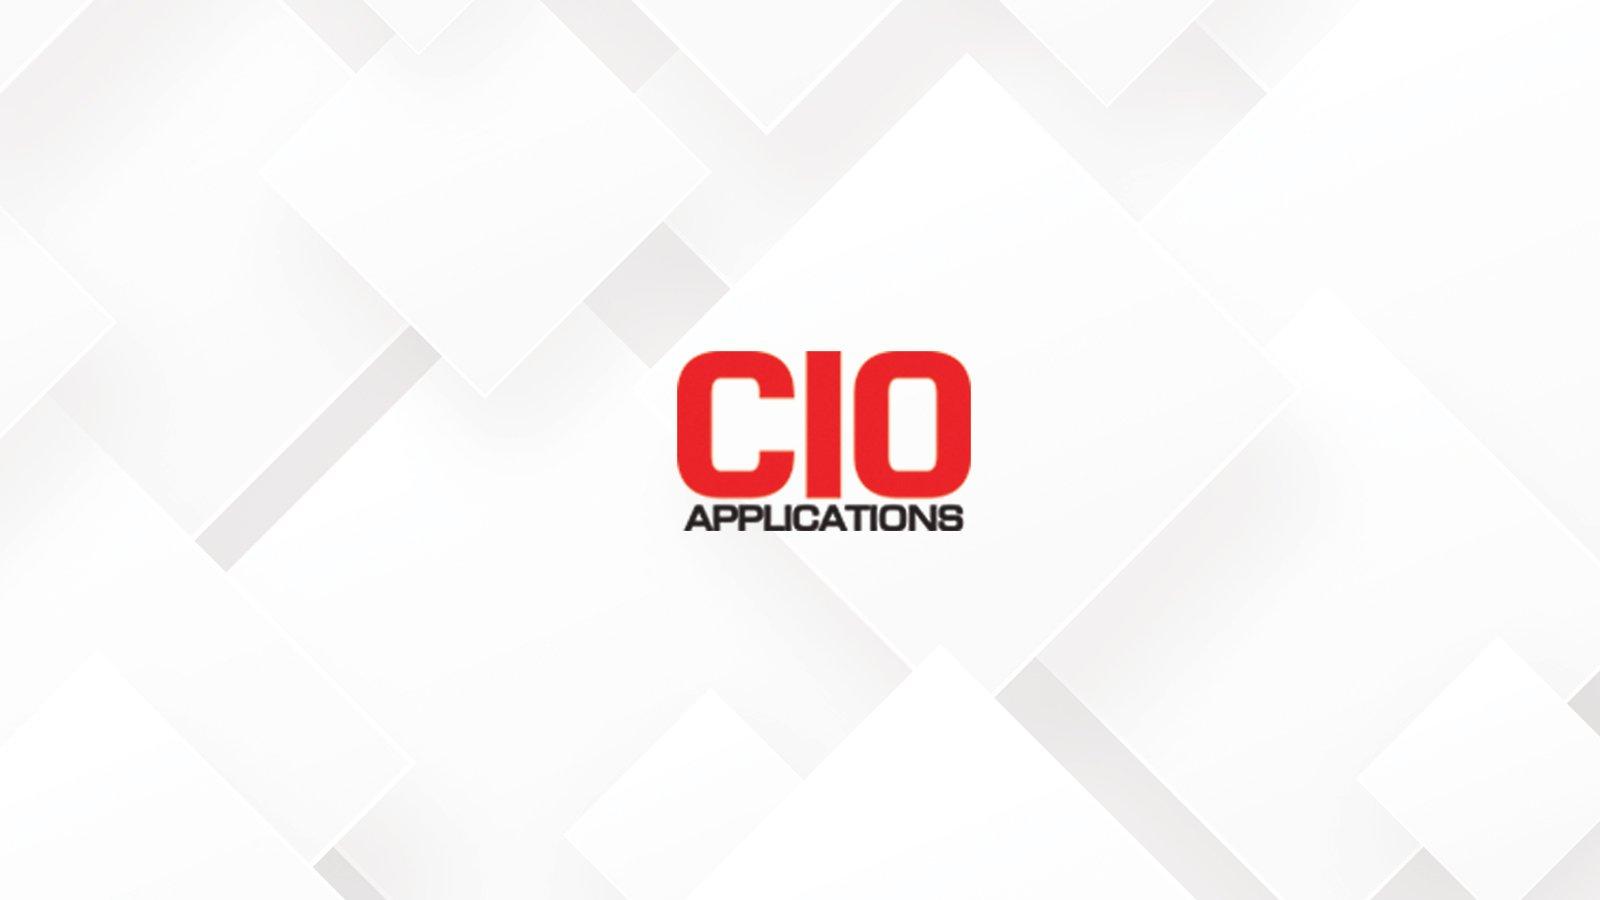 cio applications zero density